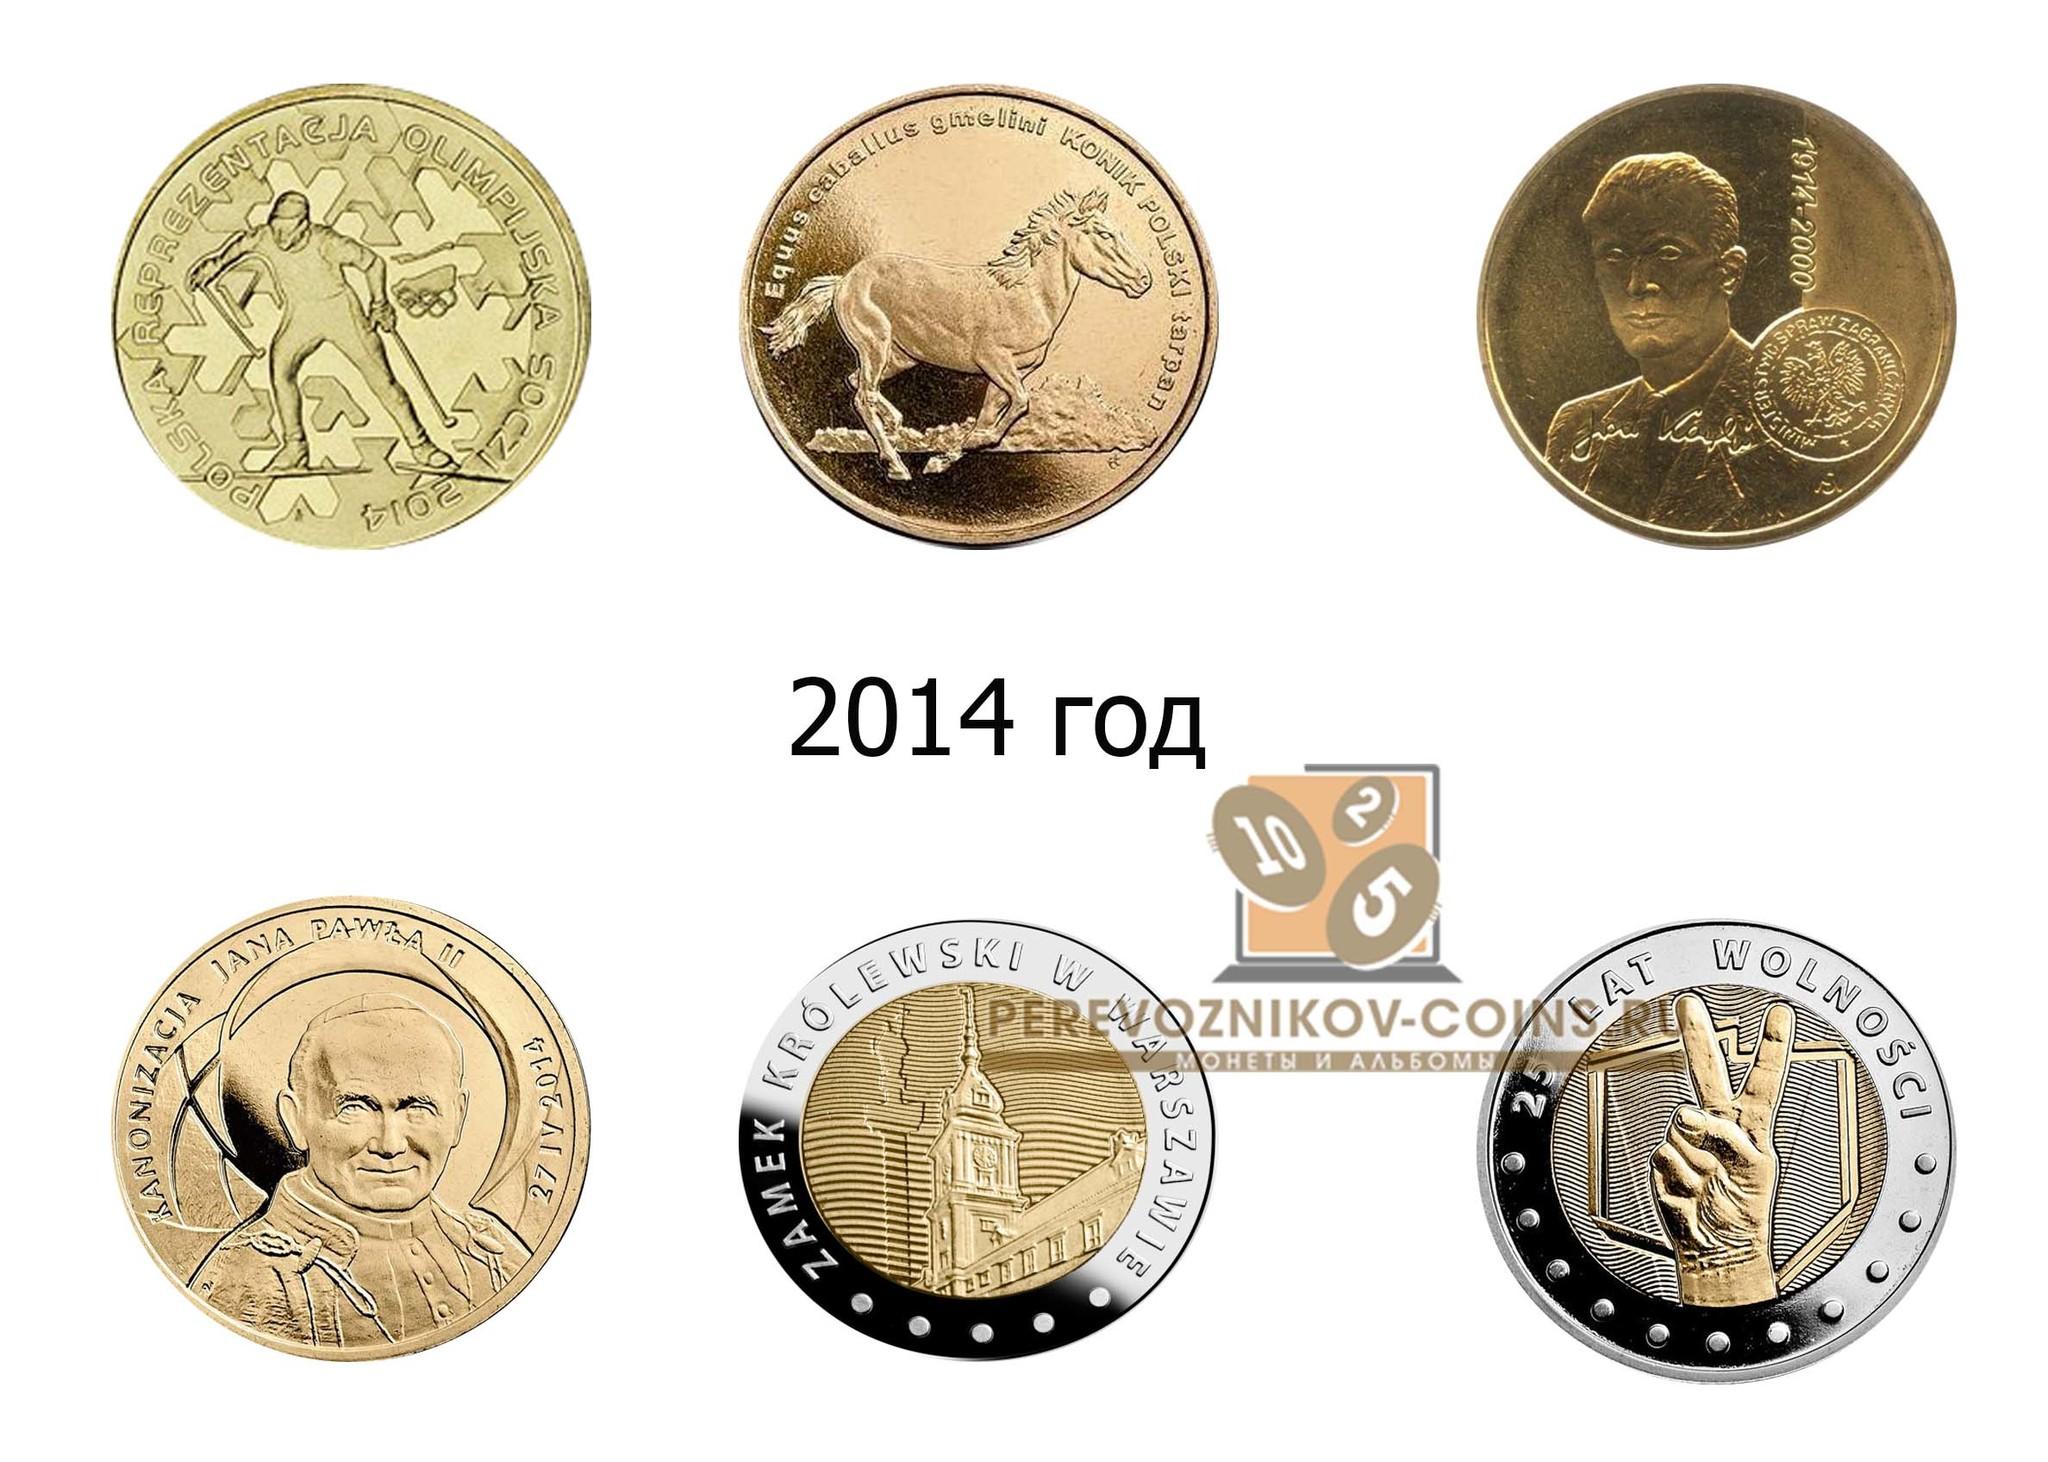 Набор из 6 монет номиналом 2 и 5 злотых. Годовой набор. 2014 год, Польша. UNC